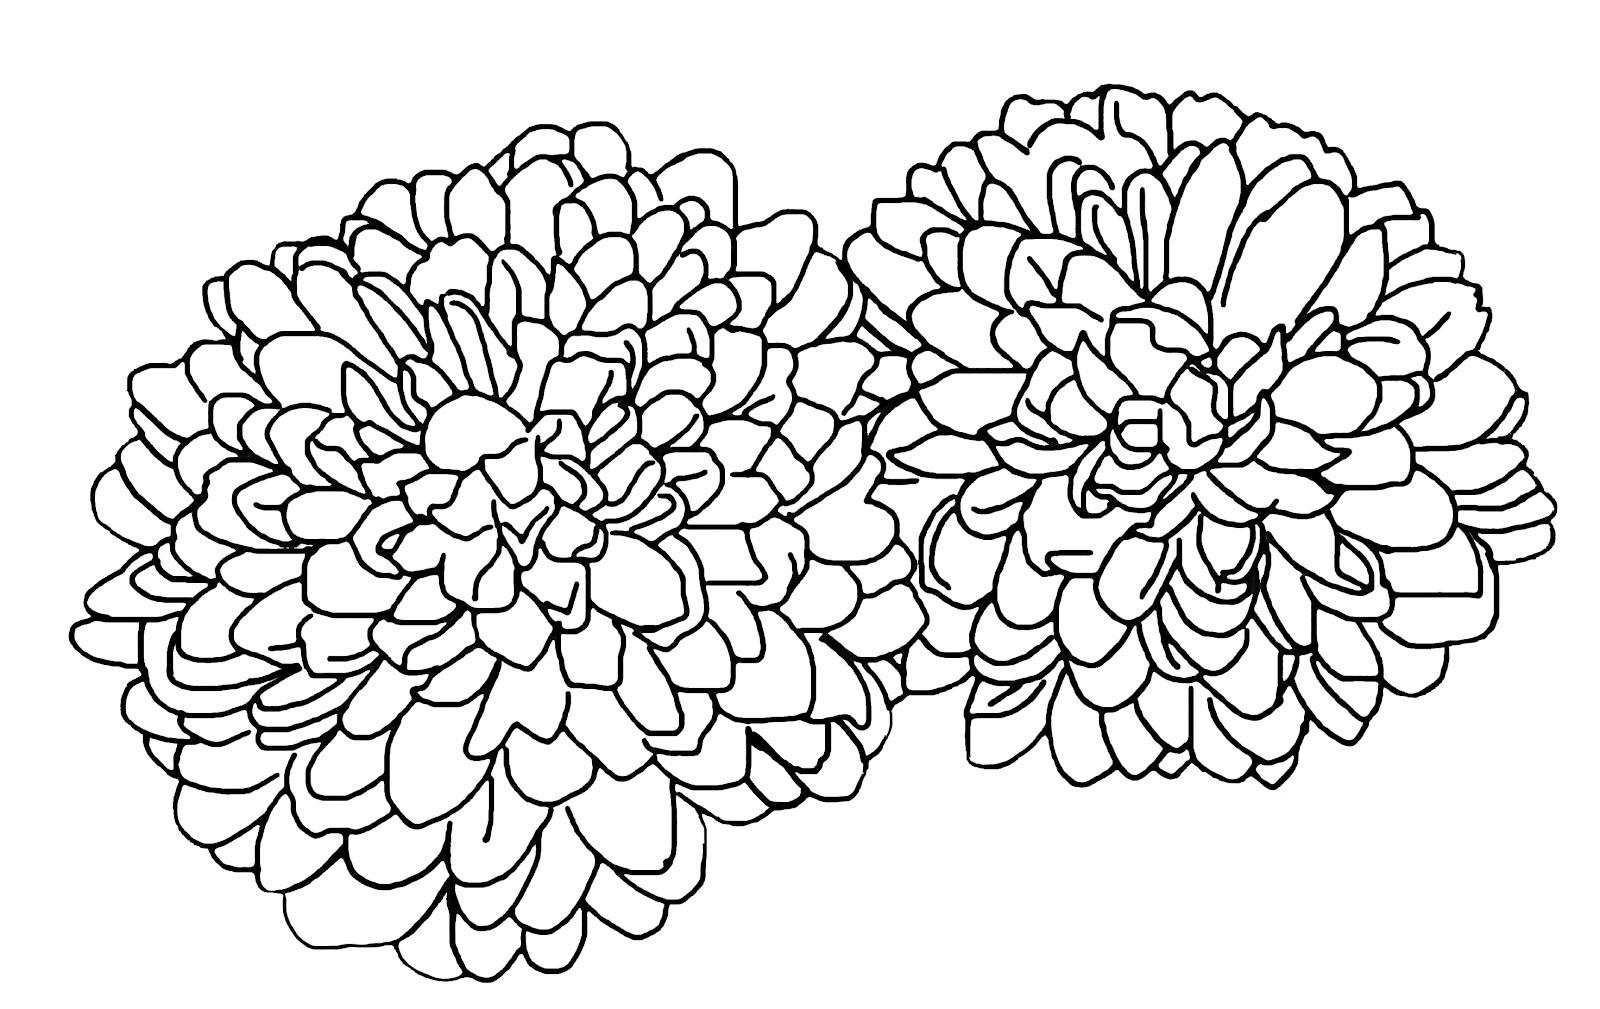 модульные спальни контурные картинки хризантемы подарок своему